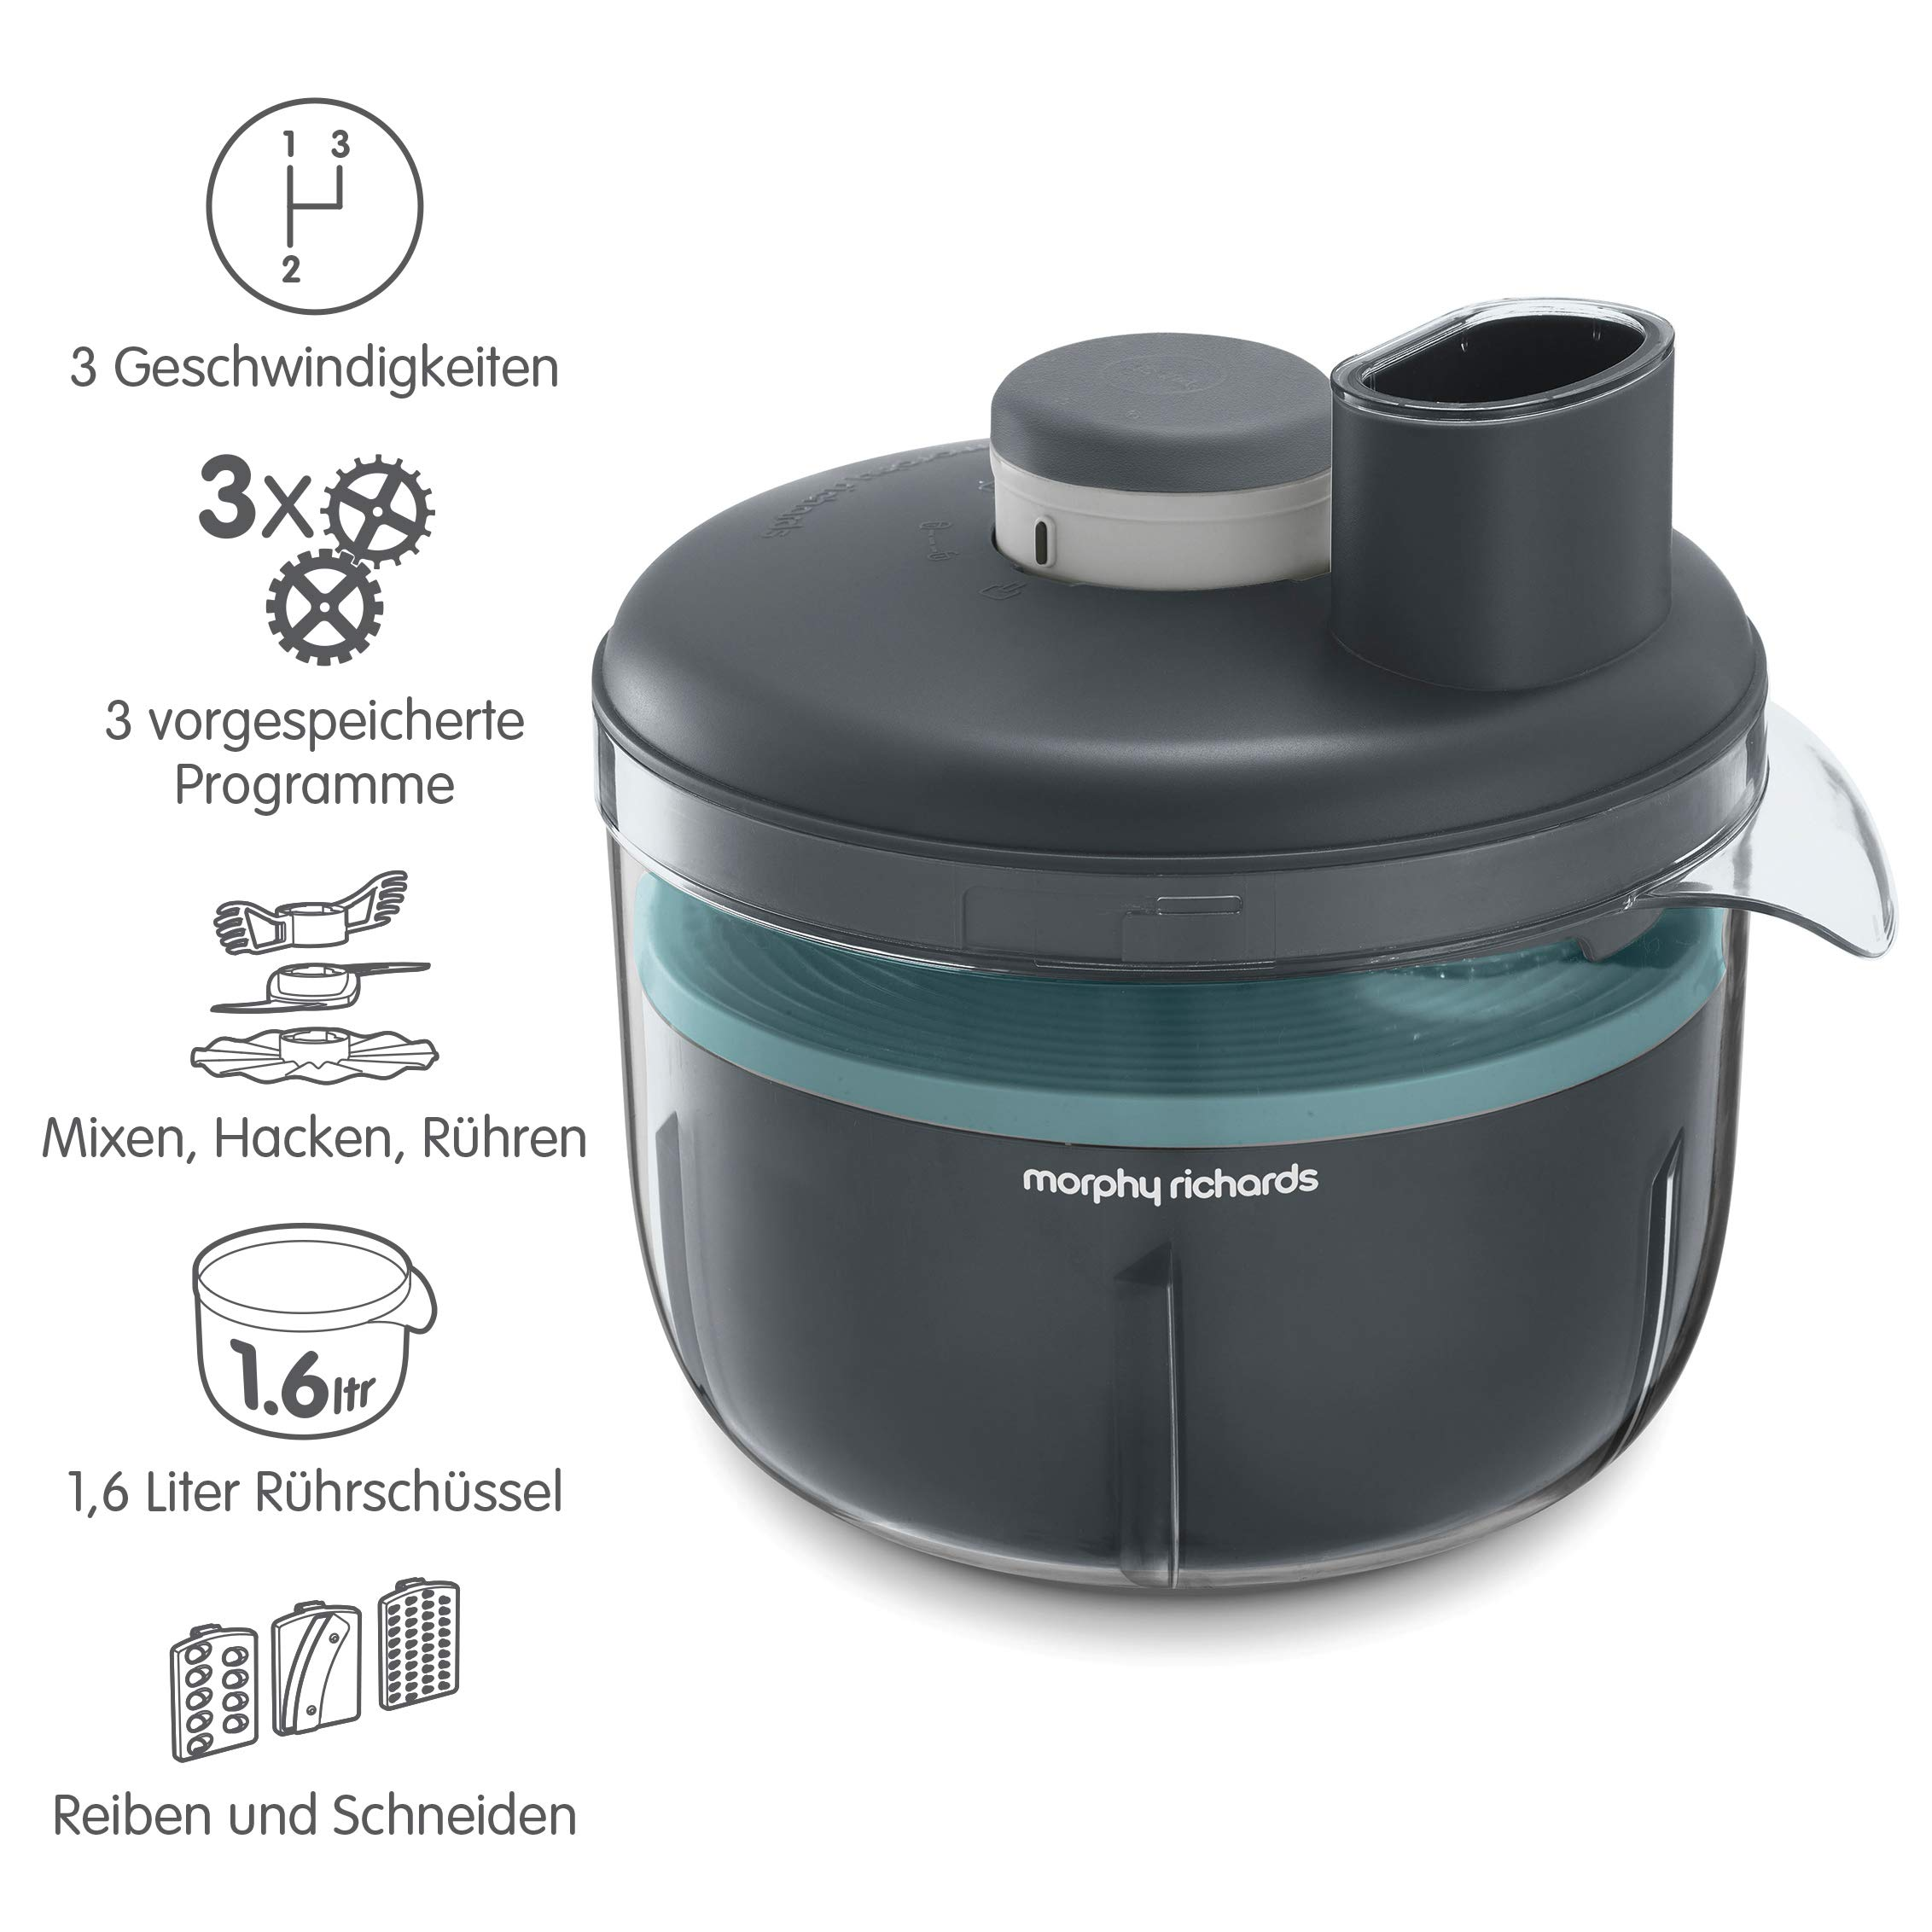 Morphy Richards 401014 Prepstar - Robot de cocina (4 l, capacidad de 1,6 L, 6 posiciones, sin BPA), color gris: Amazon.es: Hogar